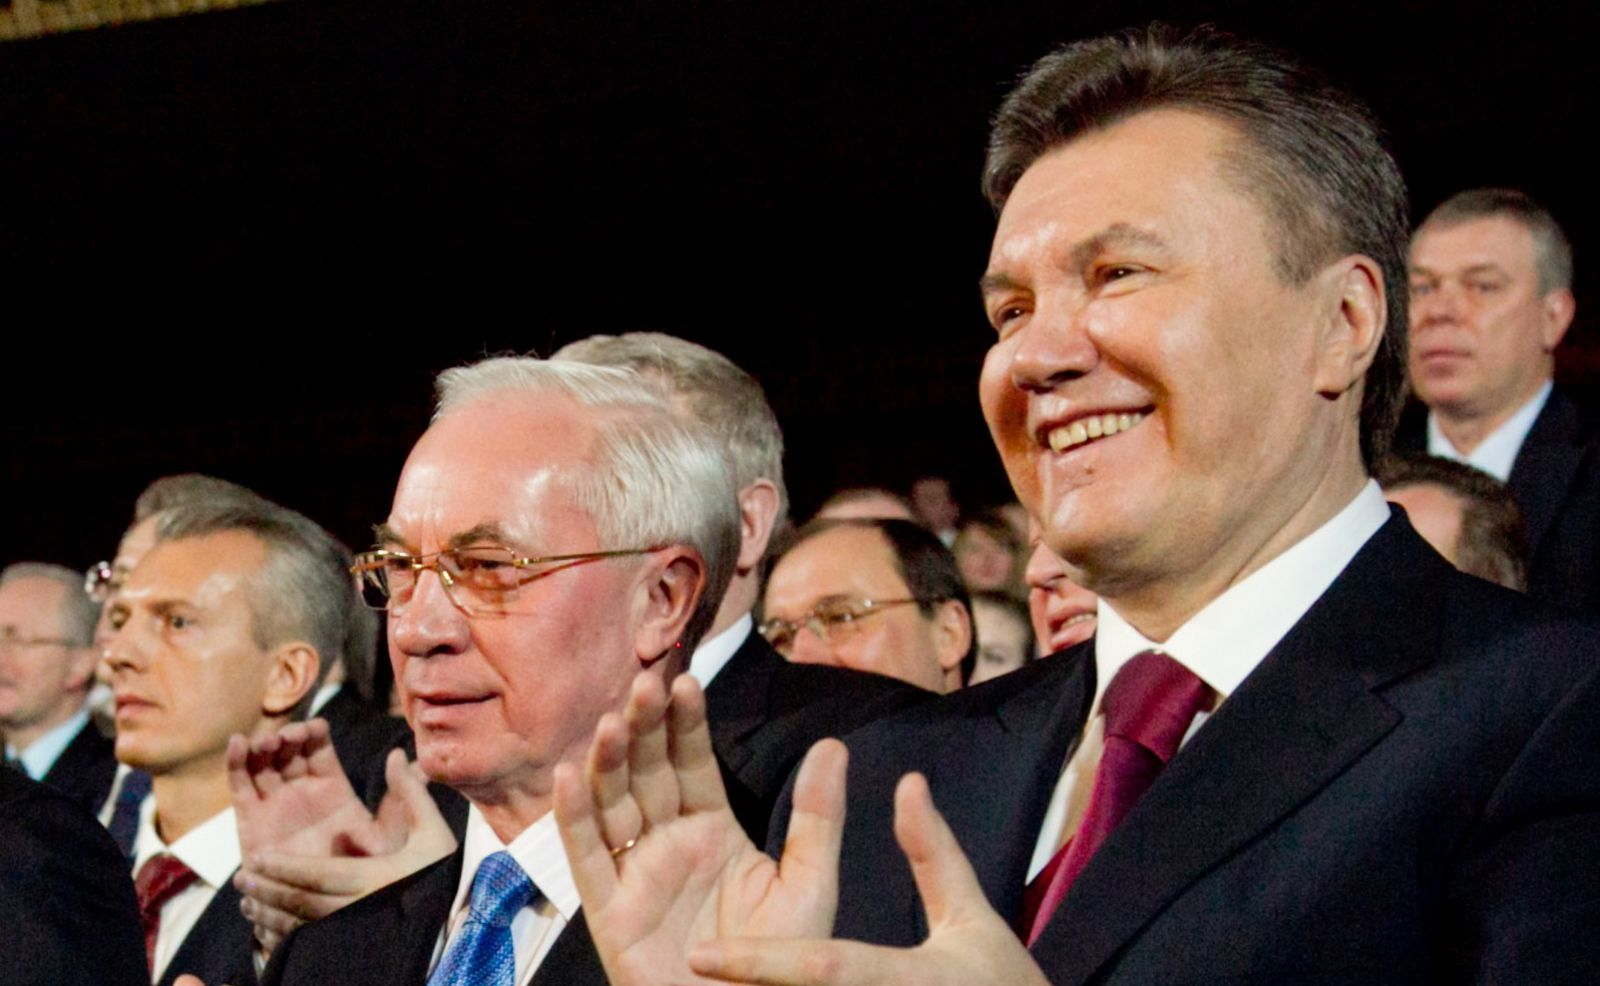 Суд арестовал пенсии Януковича и Азарова, которым начисляли по 17 тысяч гривен ежемесячно